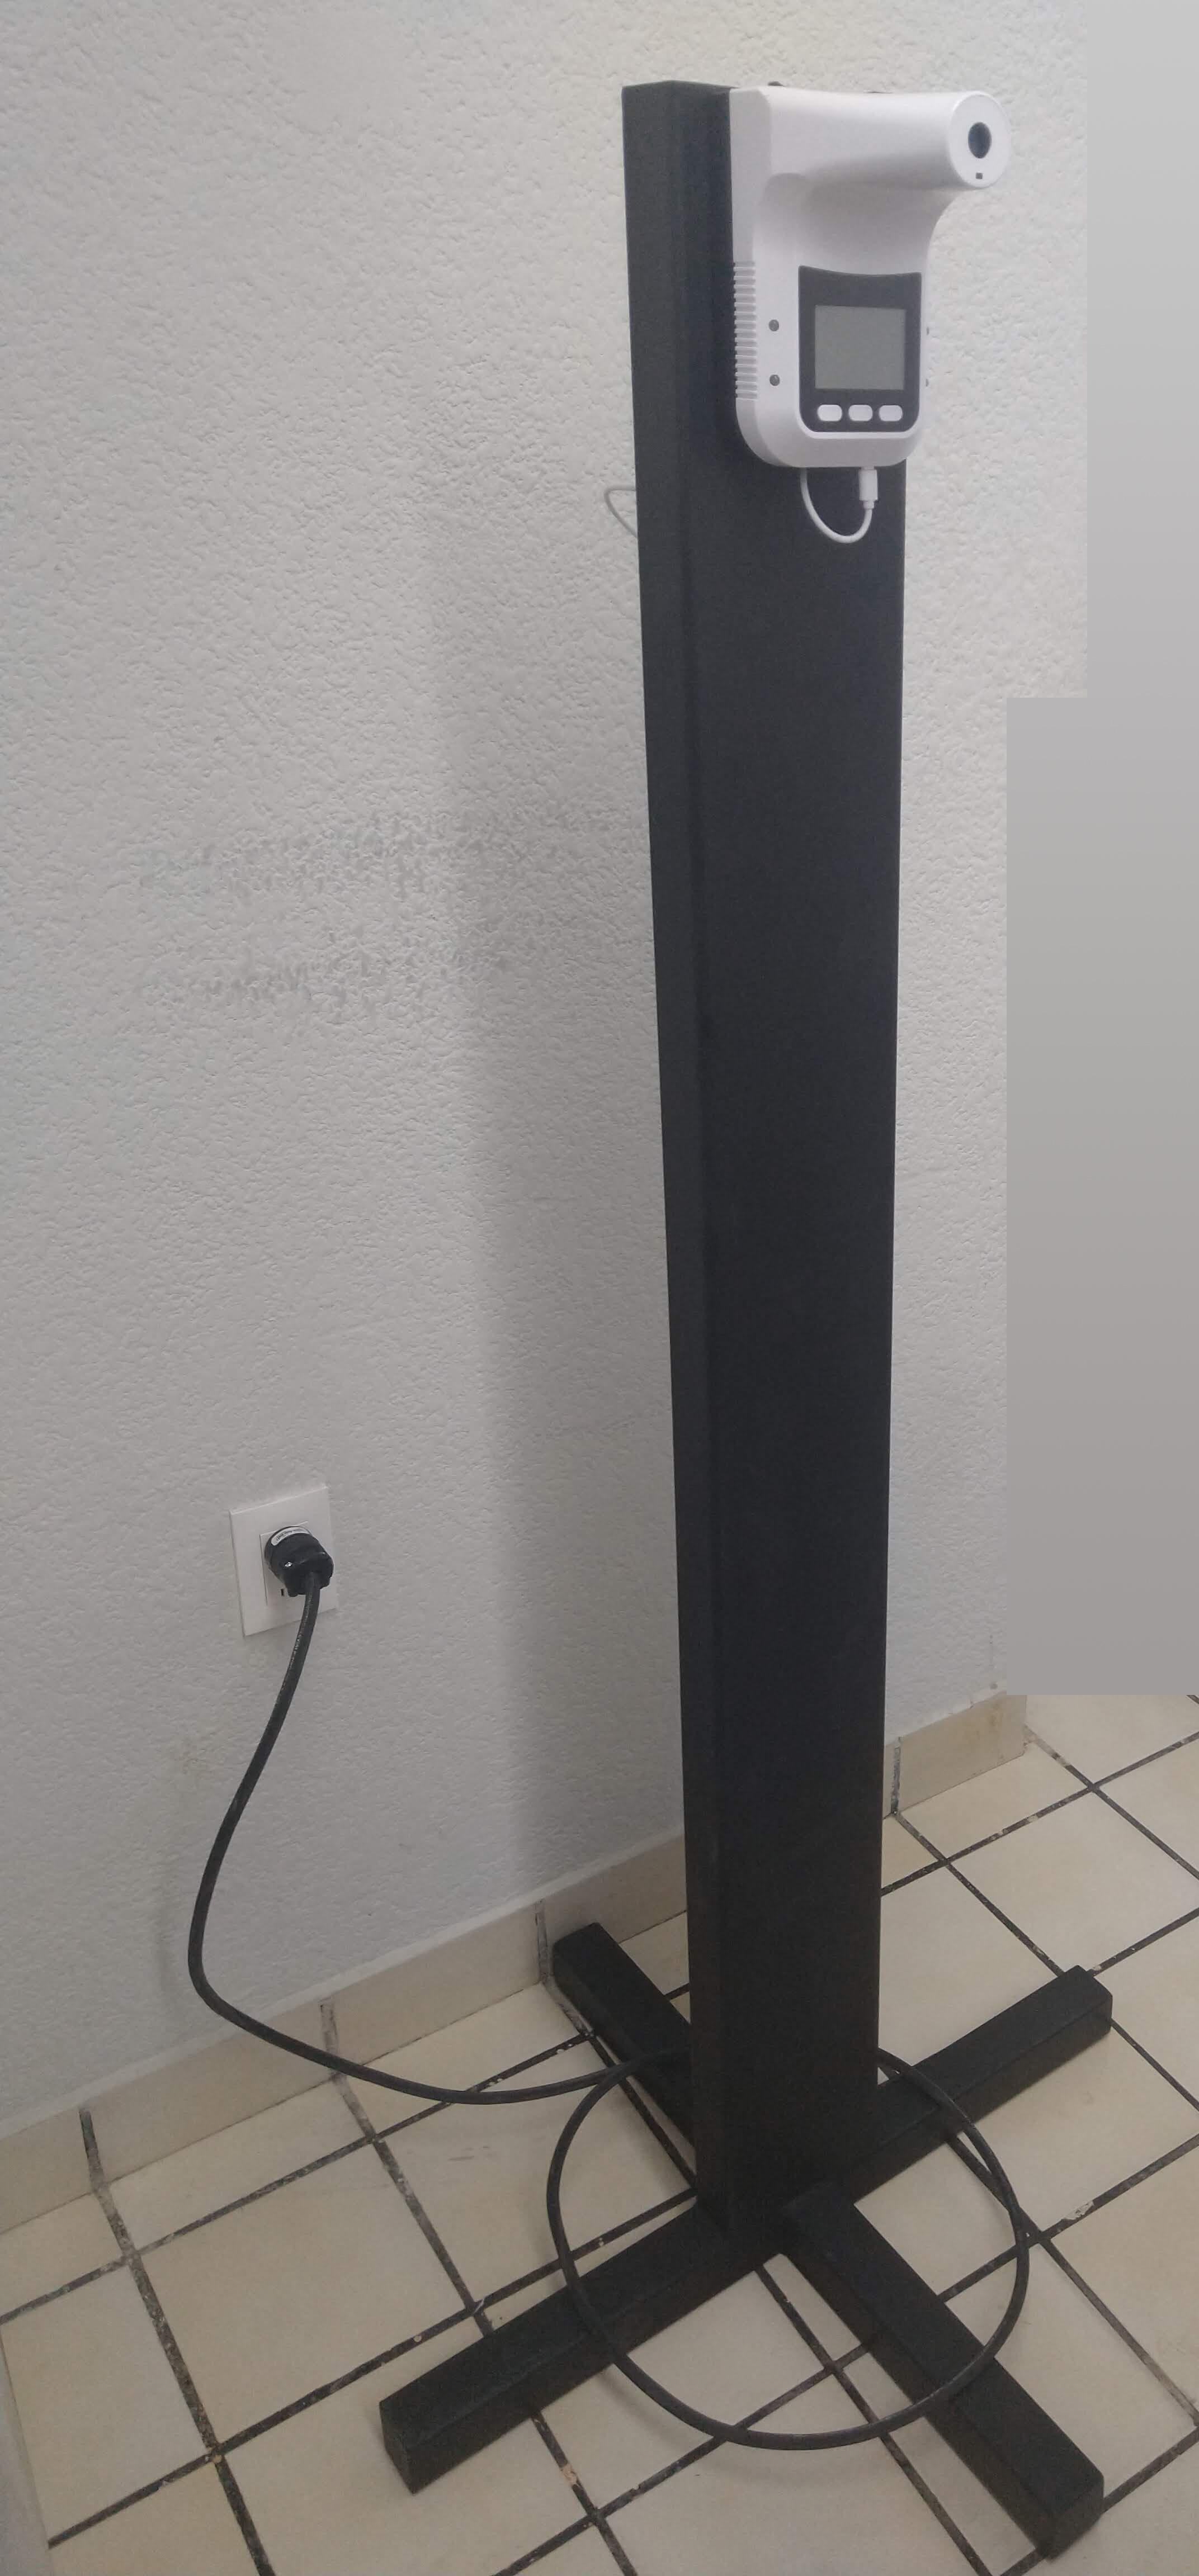 https://0201.nccdn.net/1_2/000/000/14e/4ea/pedestal.jpg